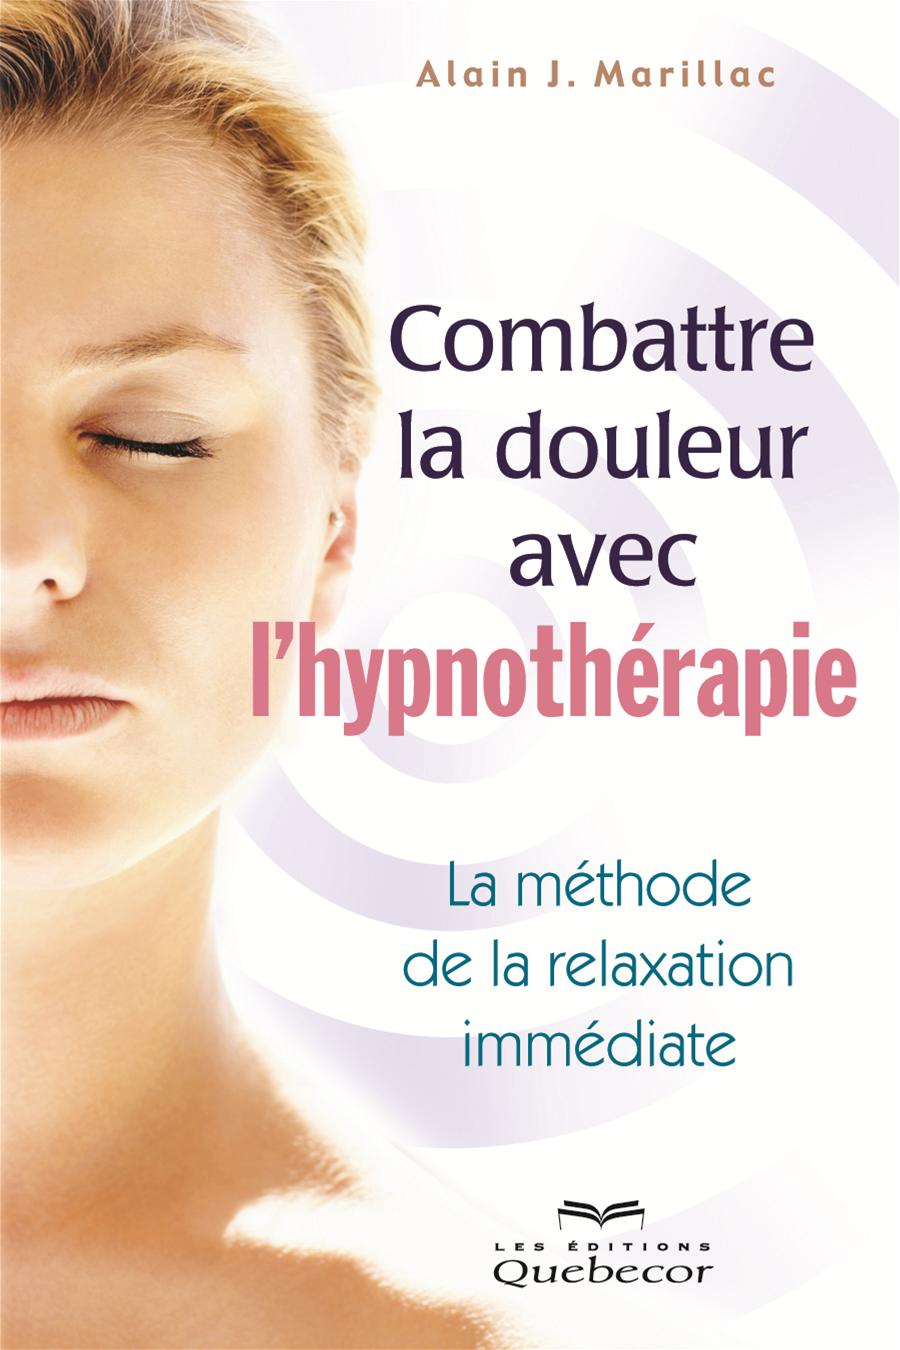 livre combattre la douleur avec l 39 hypnoth rapie la m thode de la relaxation imm diate les. Black Bedroom Furniture Sets. Home Design Ideas